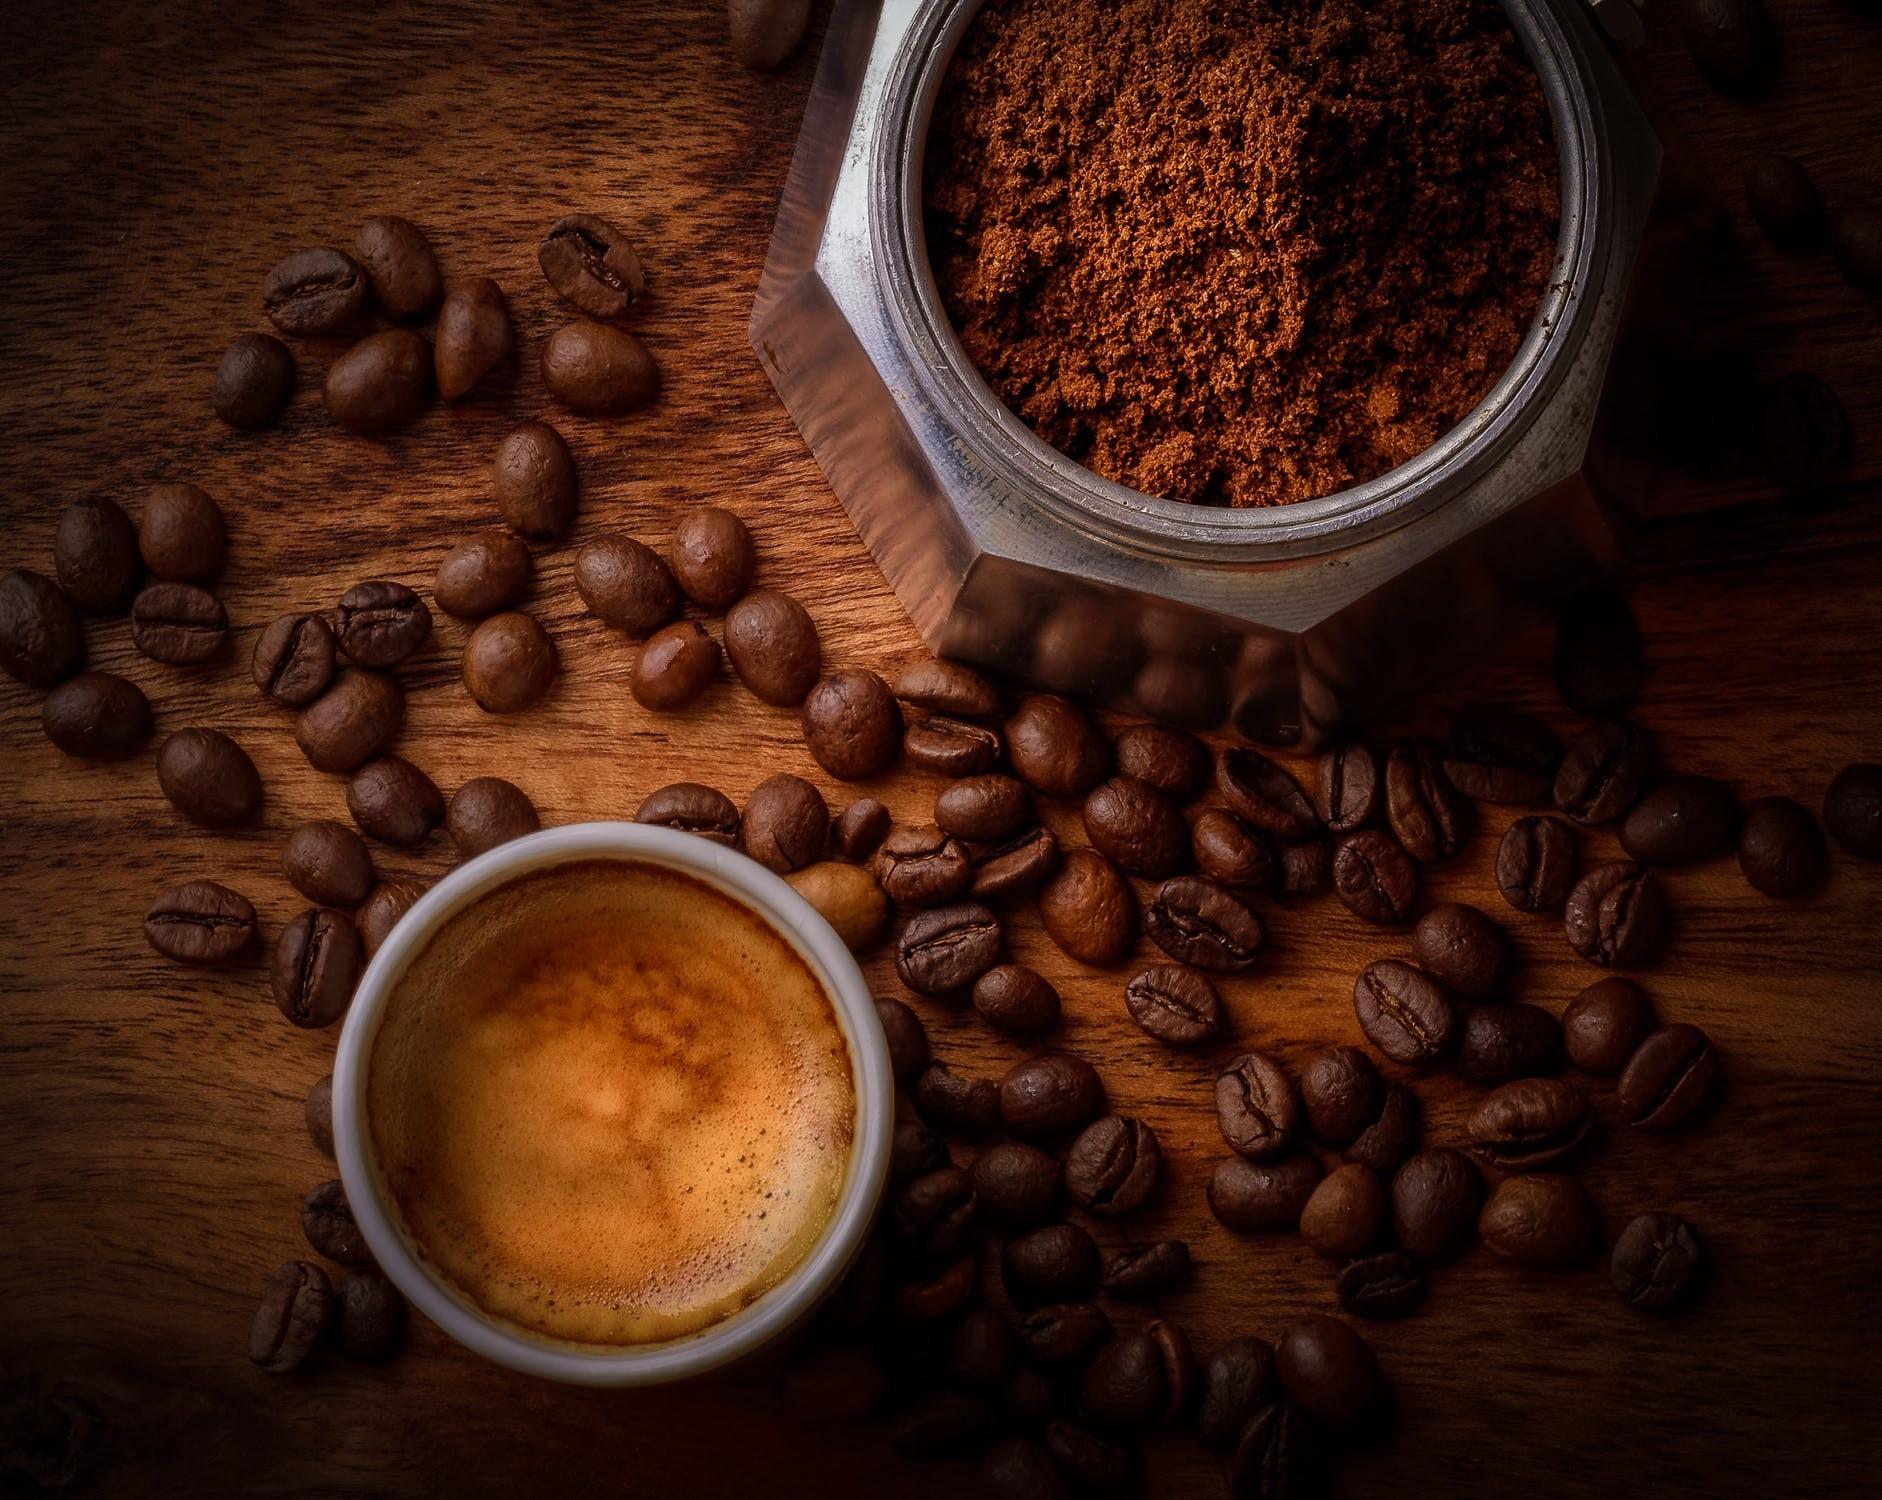 Naszym klientom zapewniamy gorącą kawę